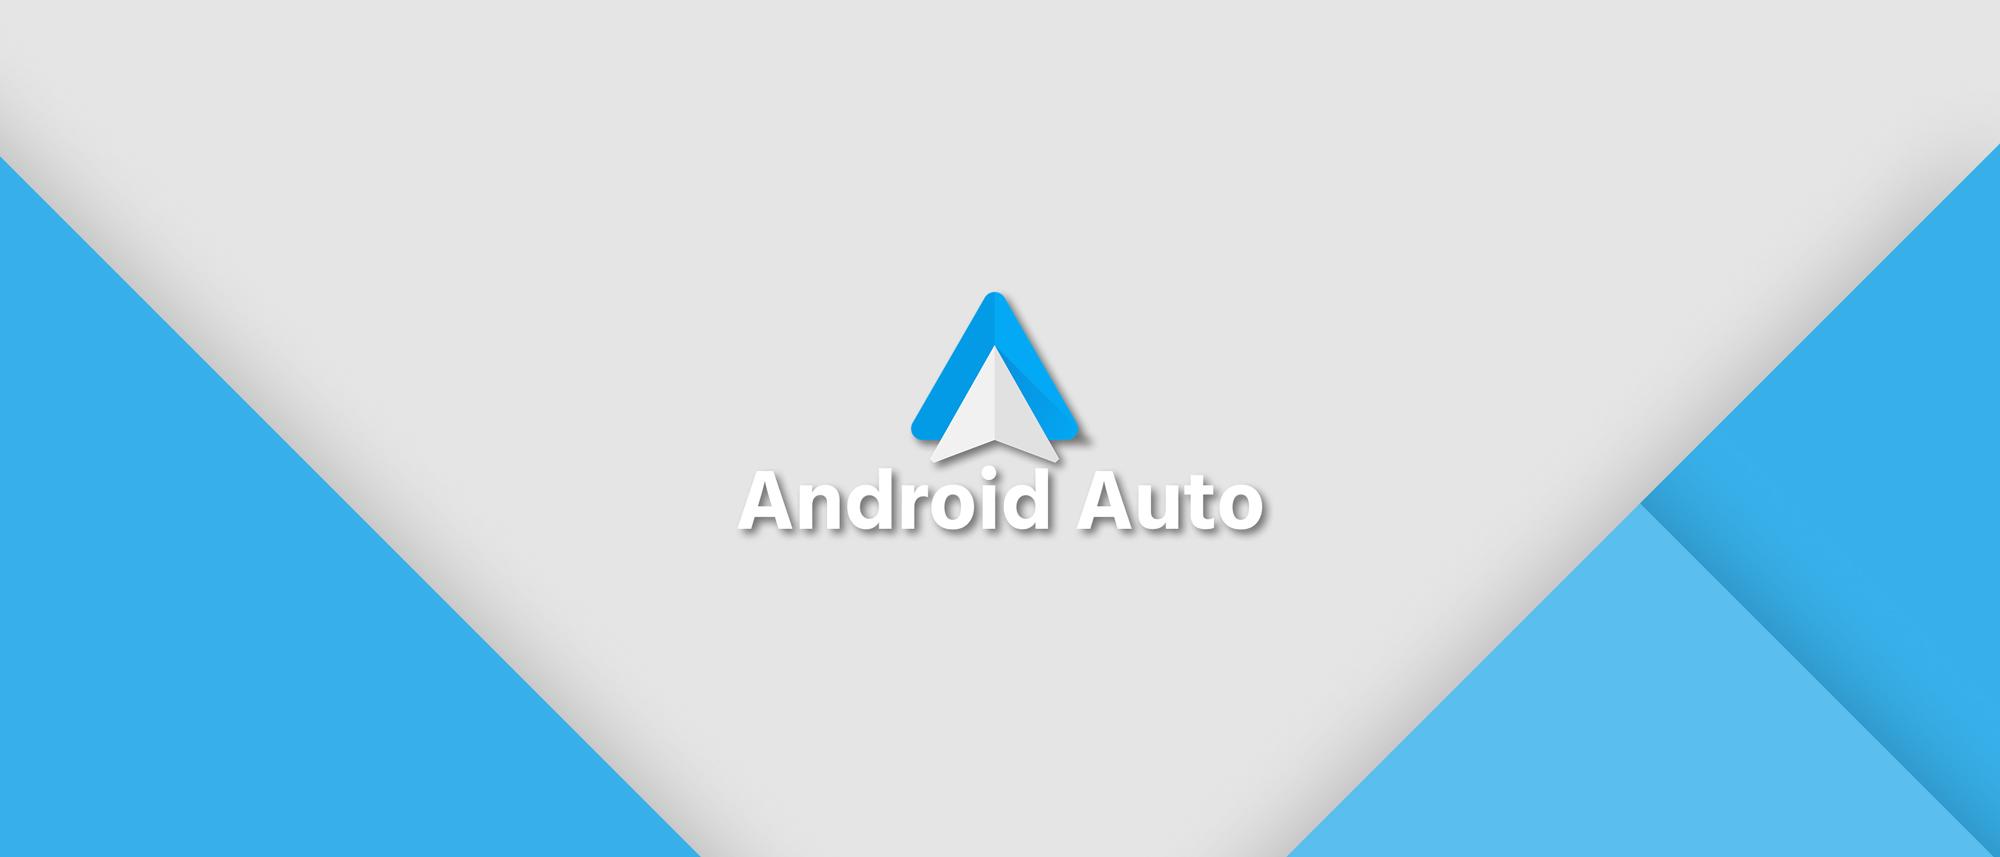 Android Auto: čo to je, aké typy aplikácií umožňuje vytvoriť či používať